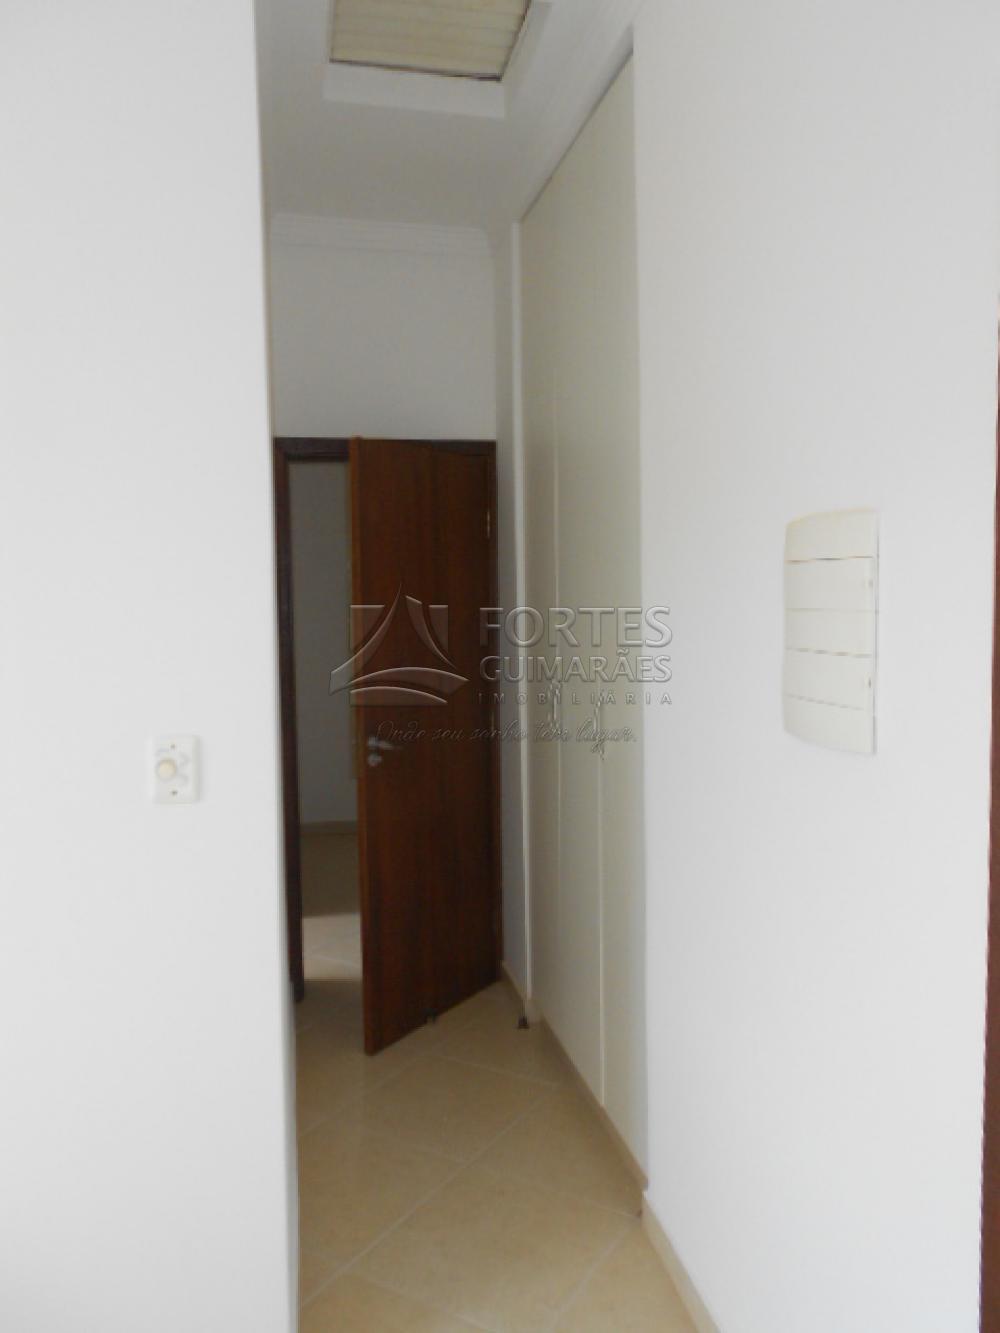 Alugar Casas / Padrão em Ribeirão Preto apenas R$ 3.500,00 - Foto 38